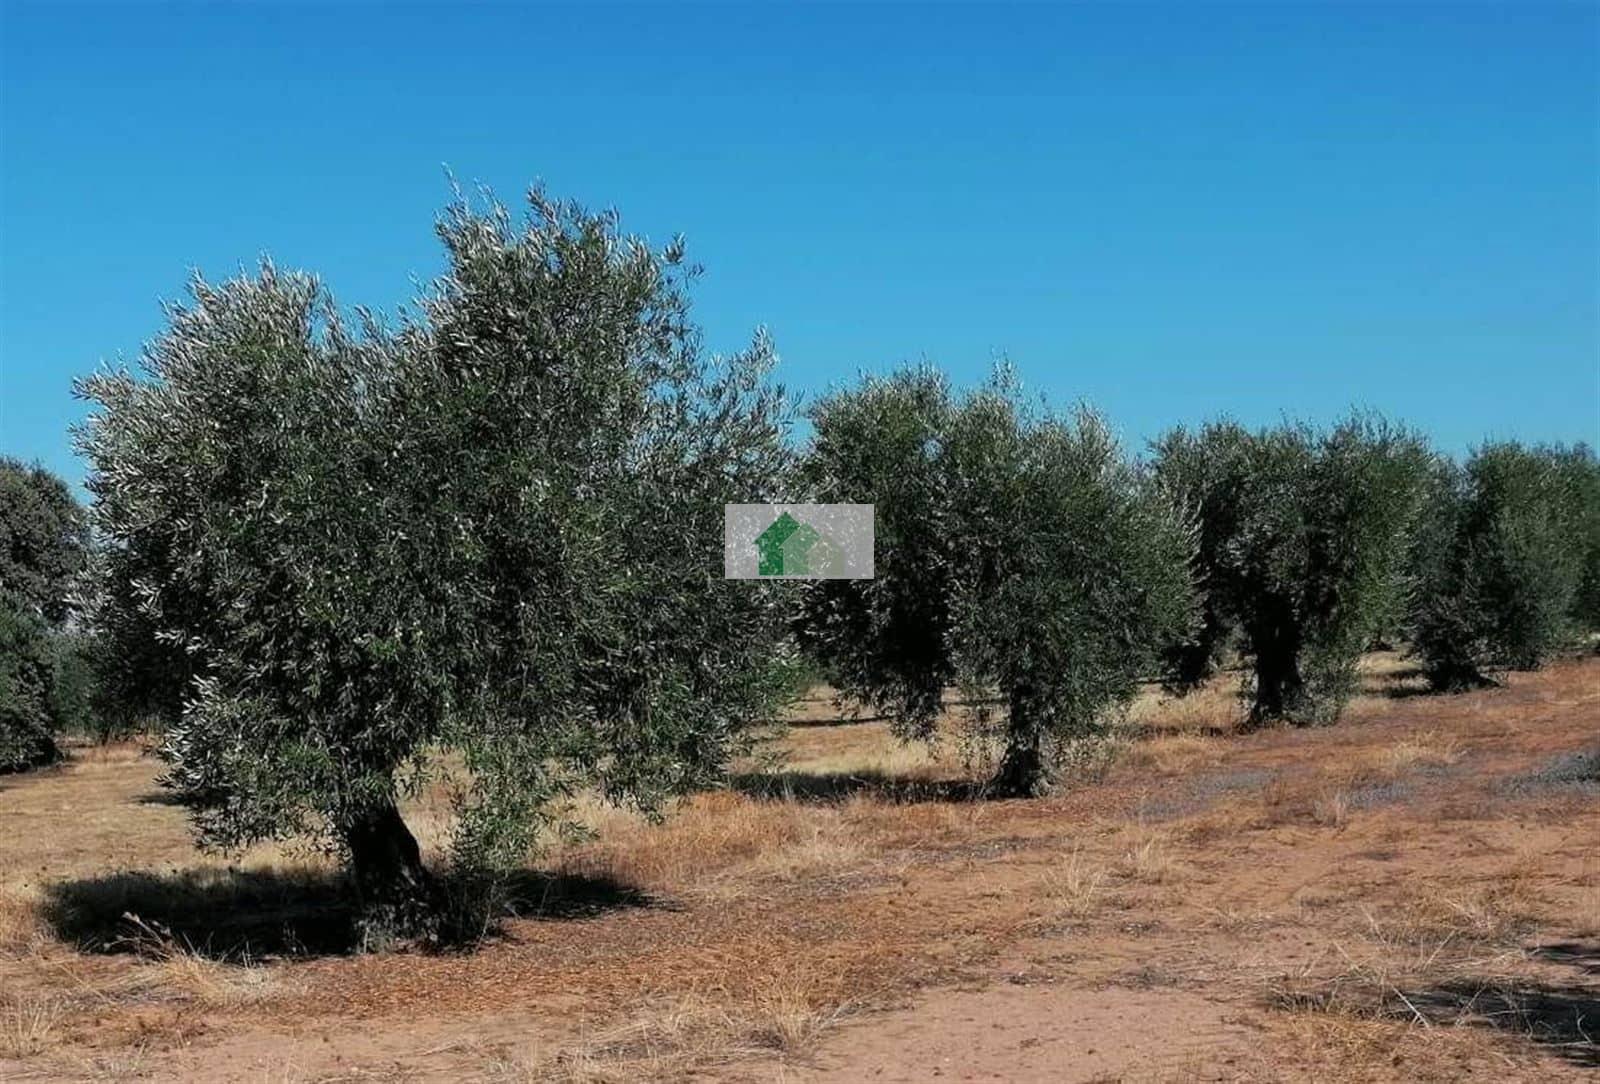 Teren niezagospodarowany na sprzedaż w Montijo - 9 500 € (Ref: 5653644)